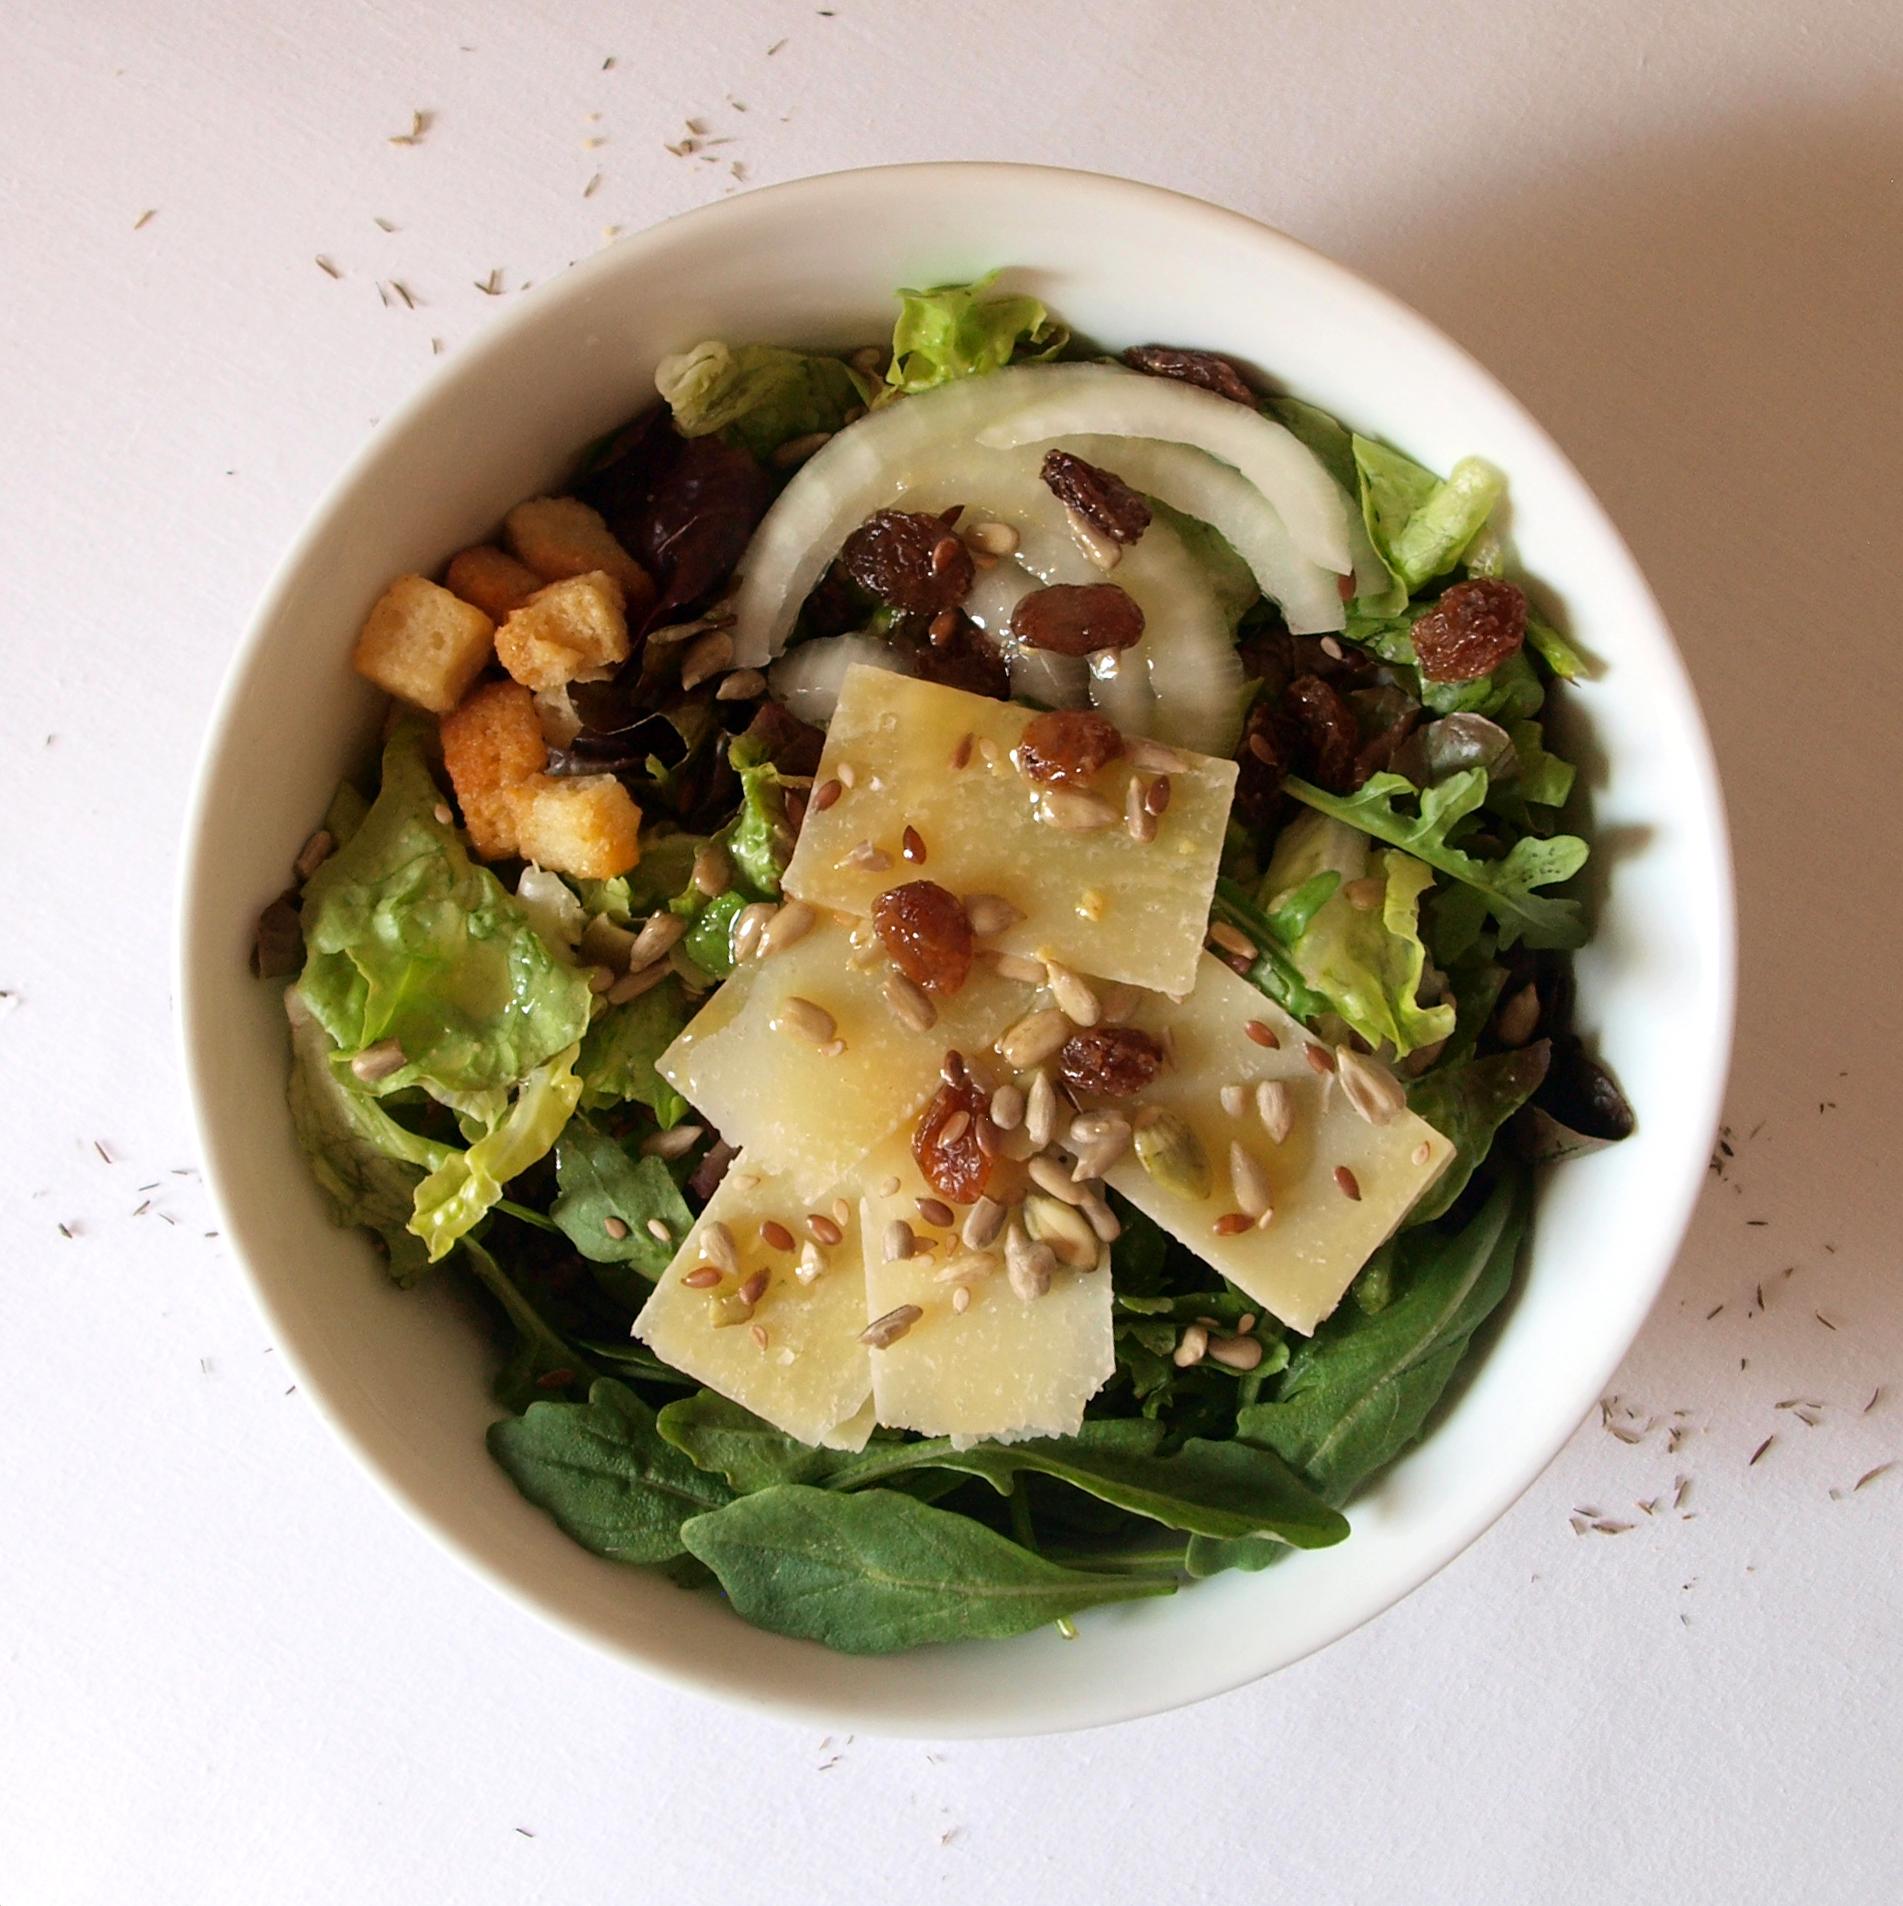 Receta de ensalada de hoja de roble con parmesano y vinagreta de mostaza y miel